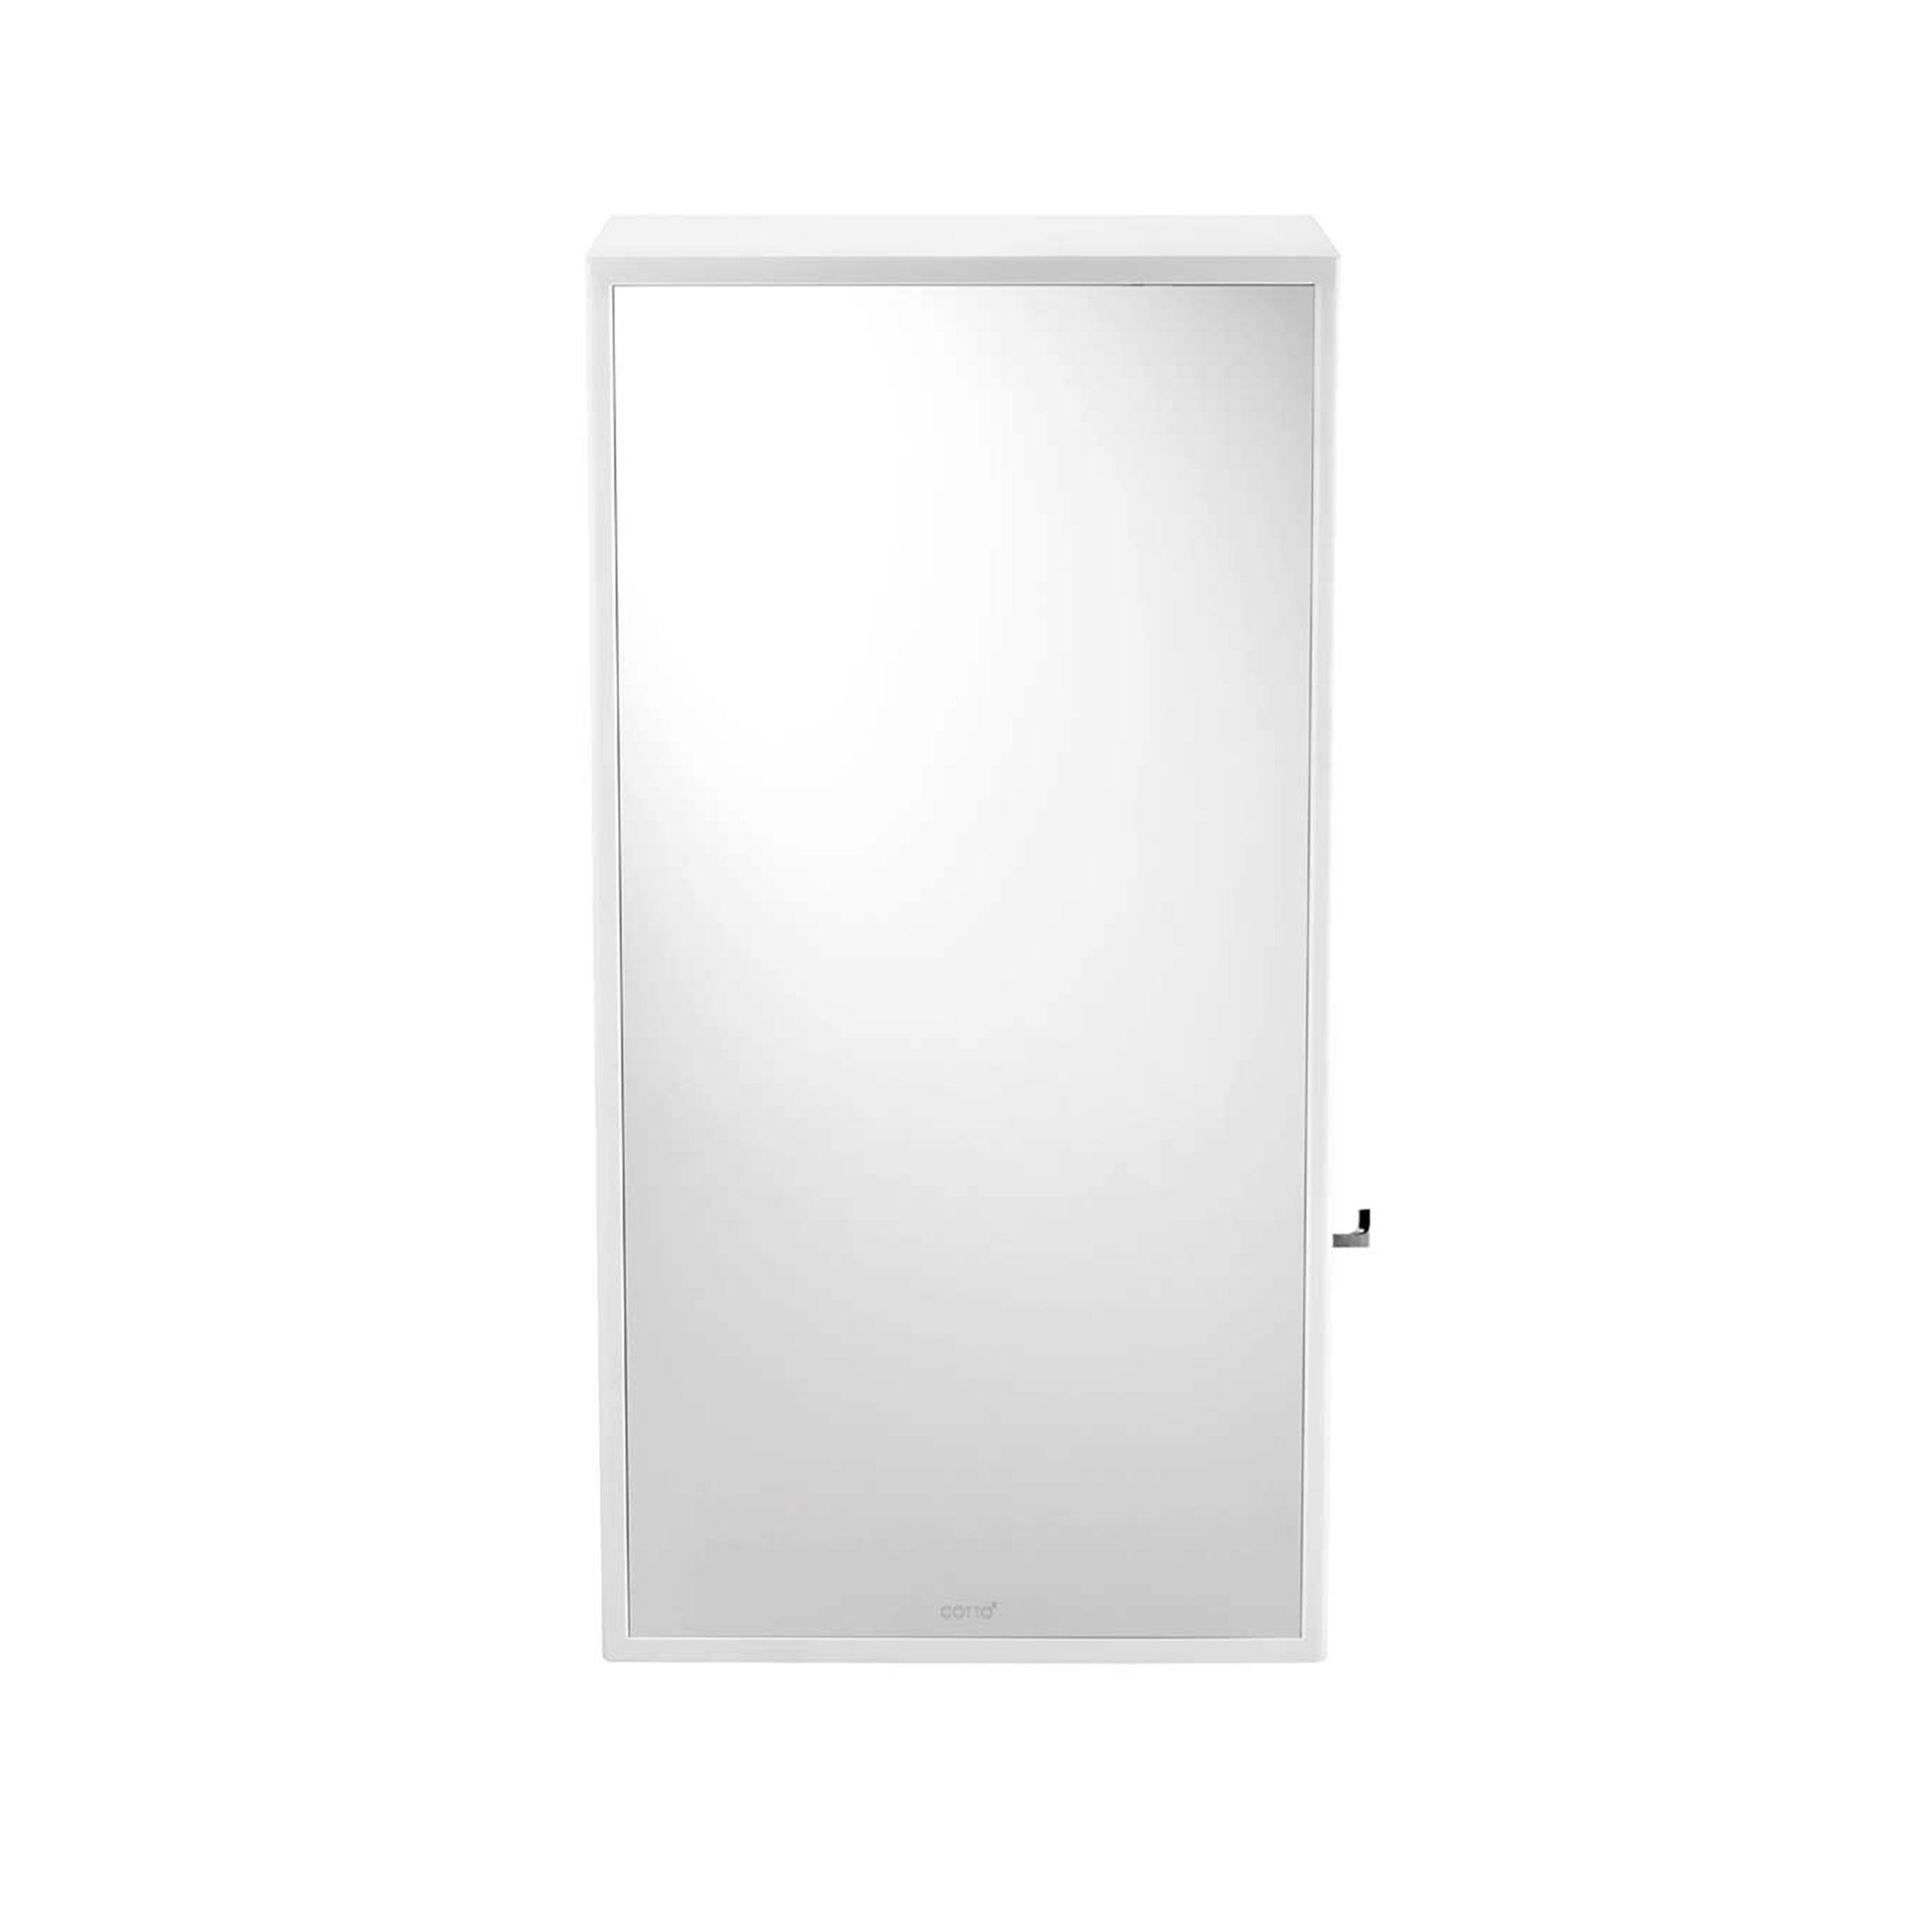 COTTO กระจกเงา (คอตโต้) MZ901#BS (สีเงิน)